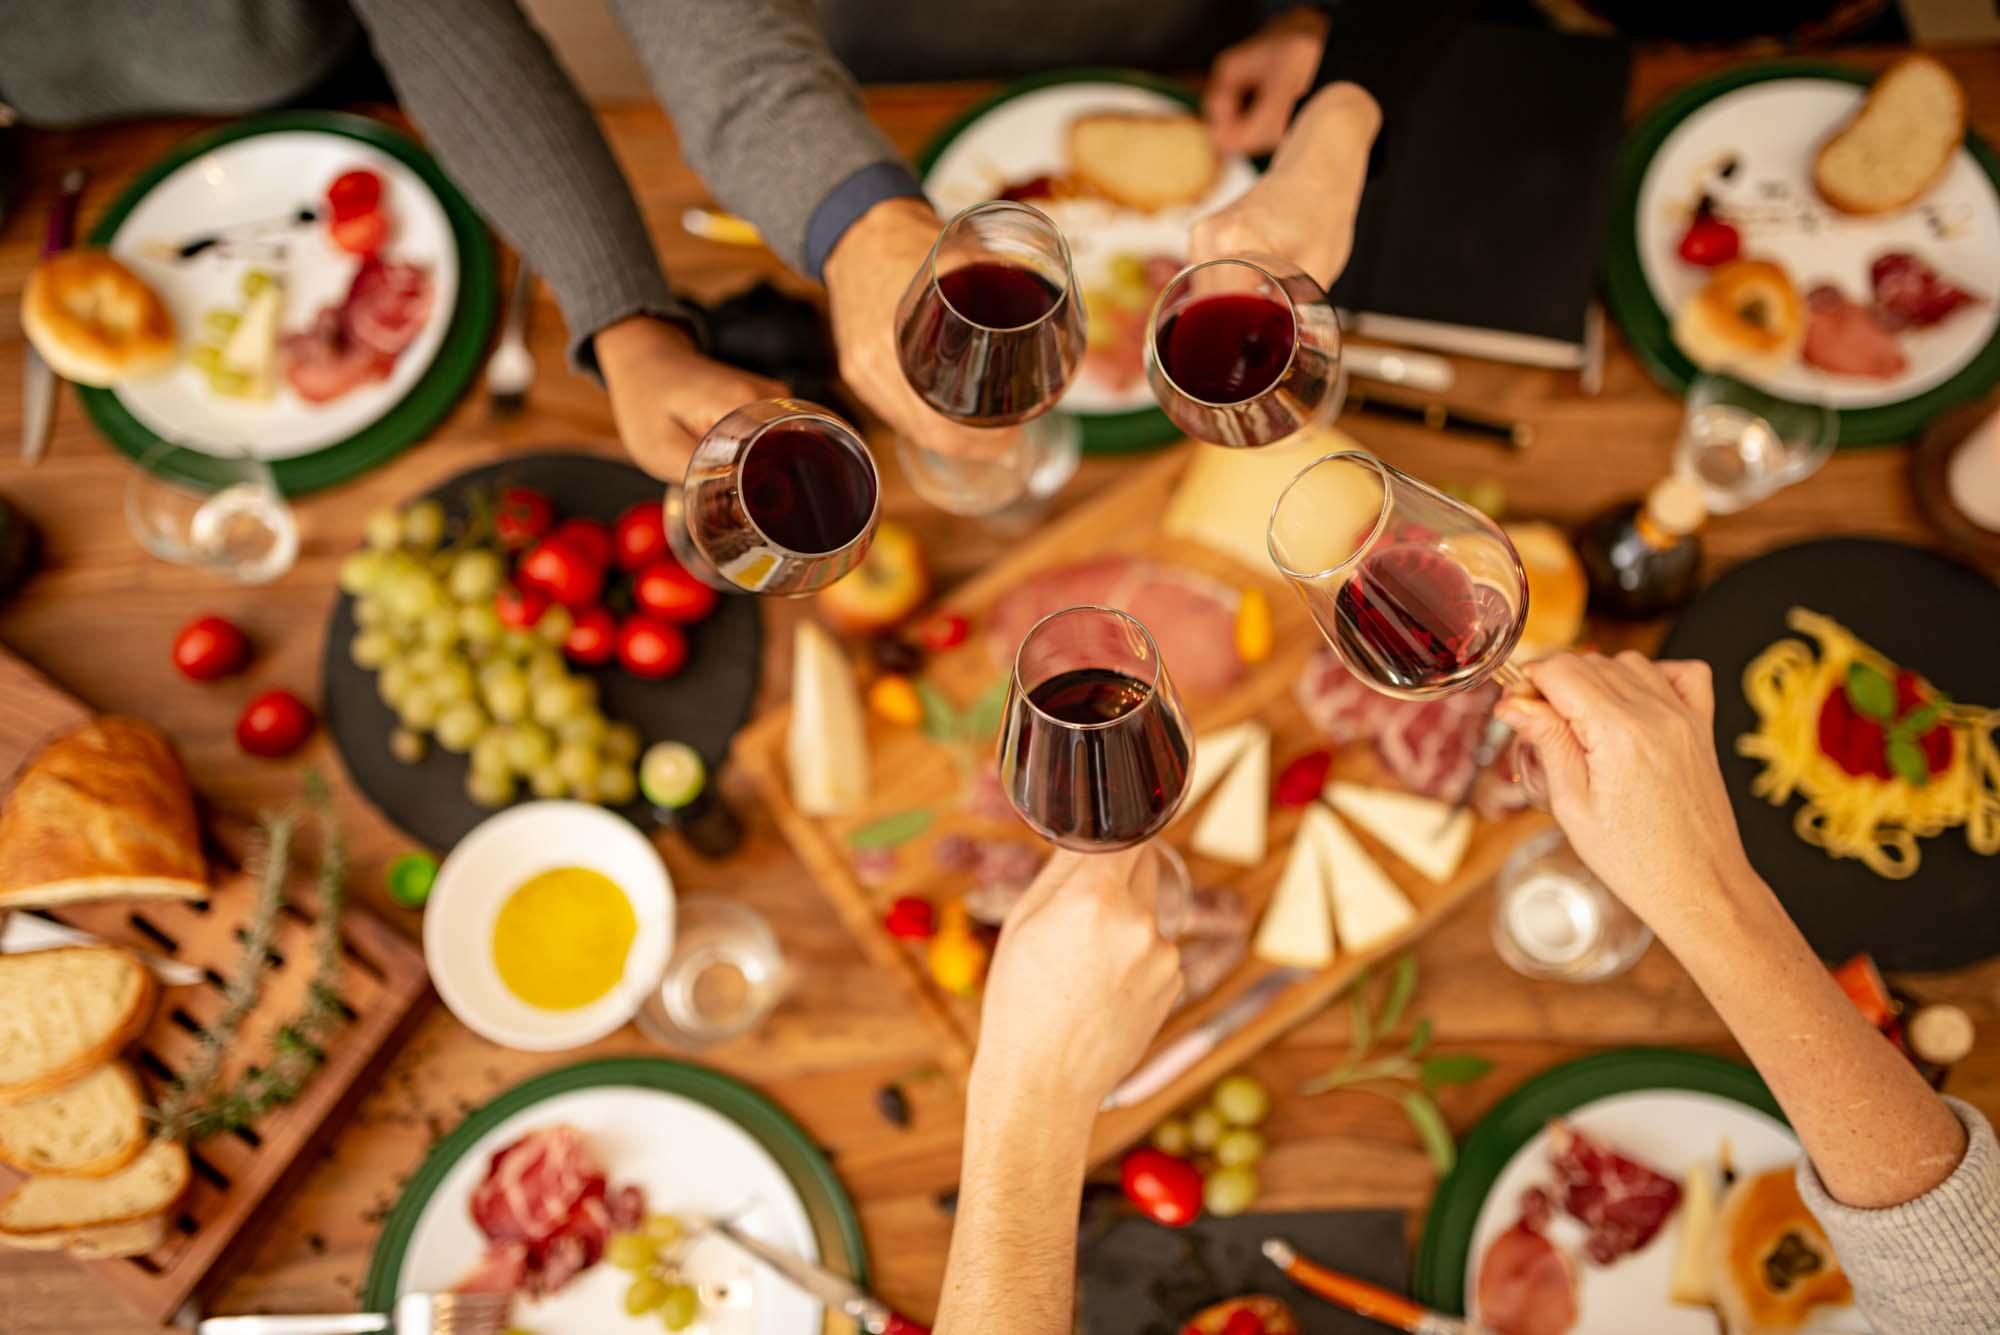 Degustazioni Vino Cene Aziendali a Trento